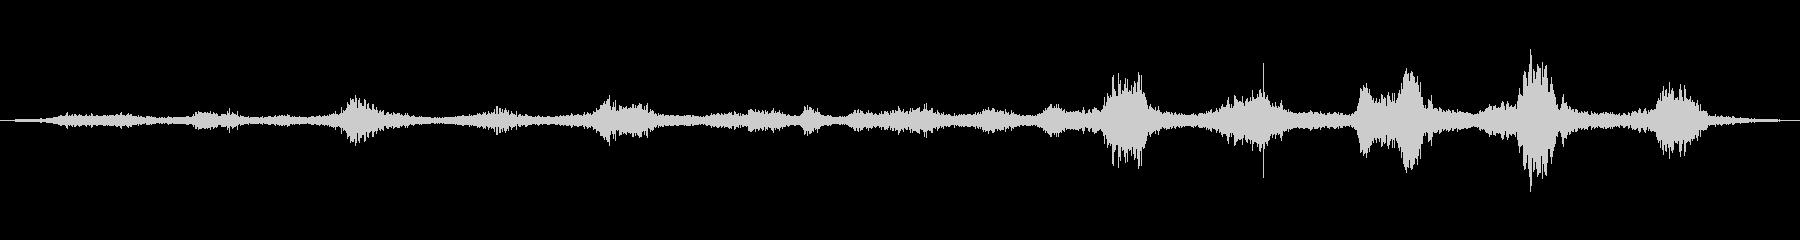 メタルボウ5.1 Atmos 1-5.1の未再生の波形